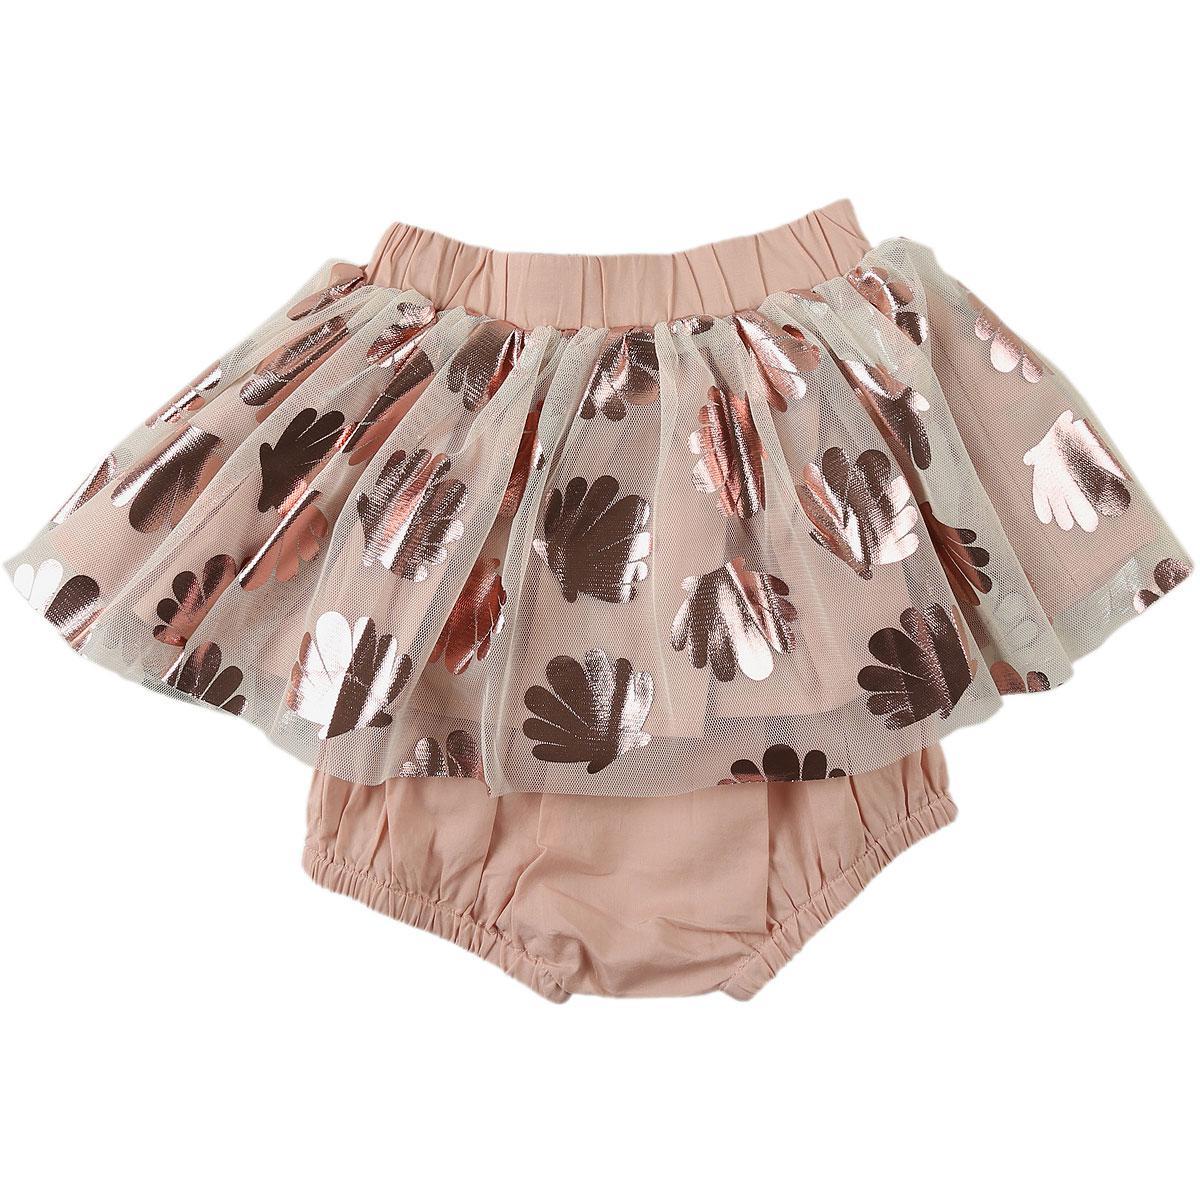 Lyst - Faldas para Bebé Niña Baratos en Rebajas Stella McCartney 11495606234